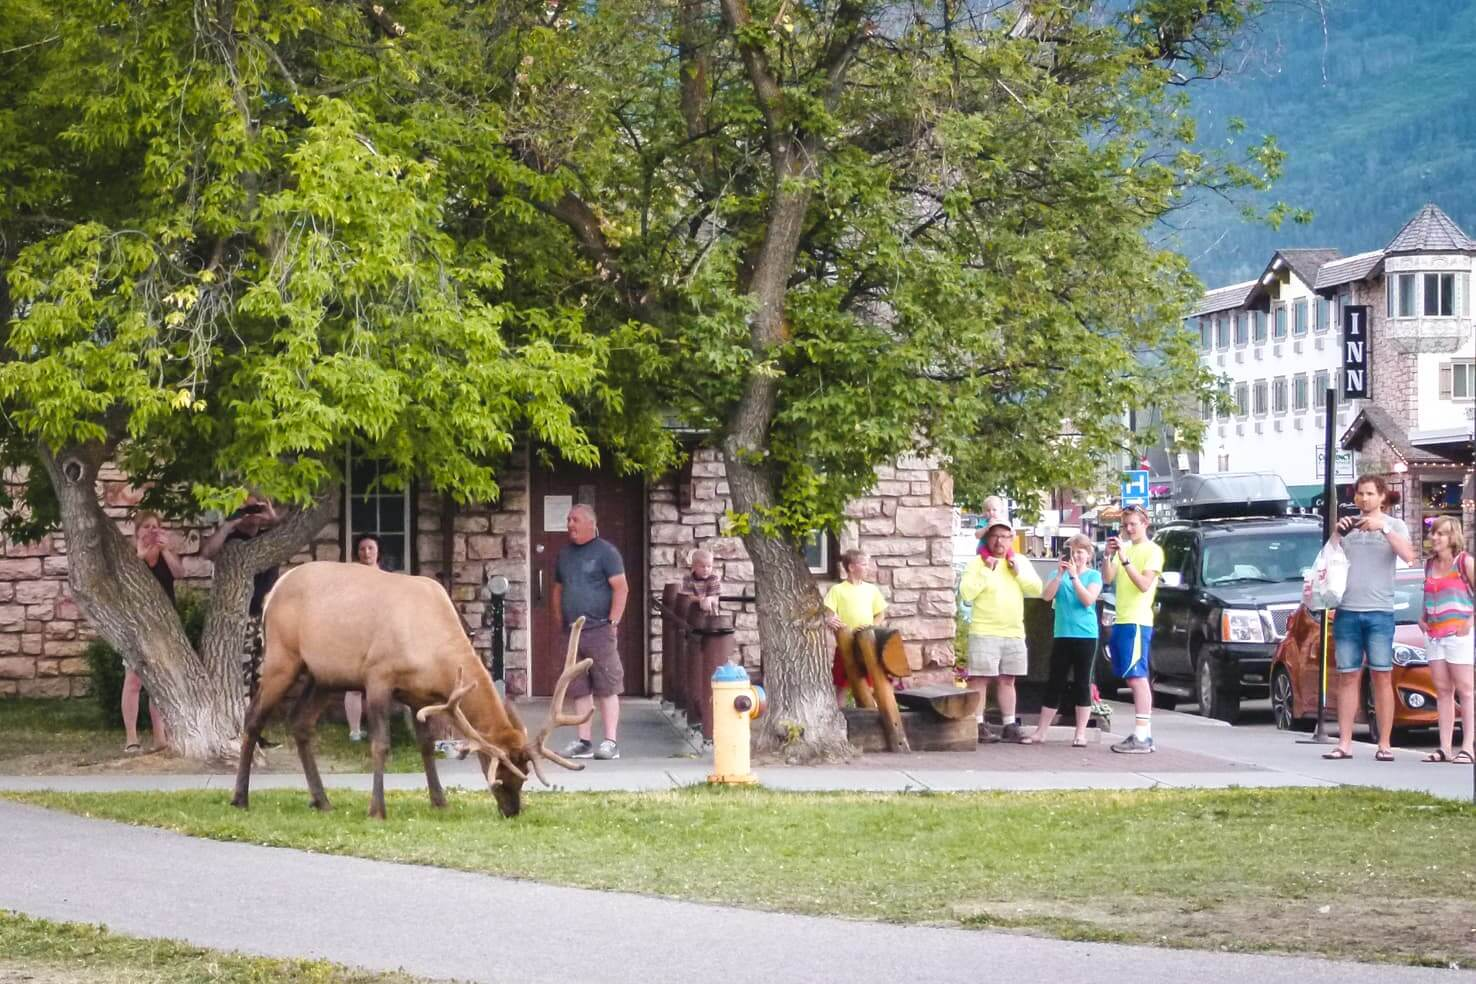 Adventure travel guide to Jasper National Park - elk in Jasper